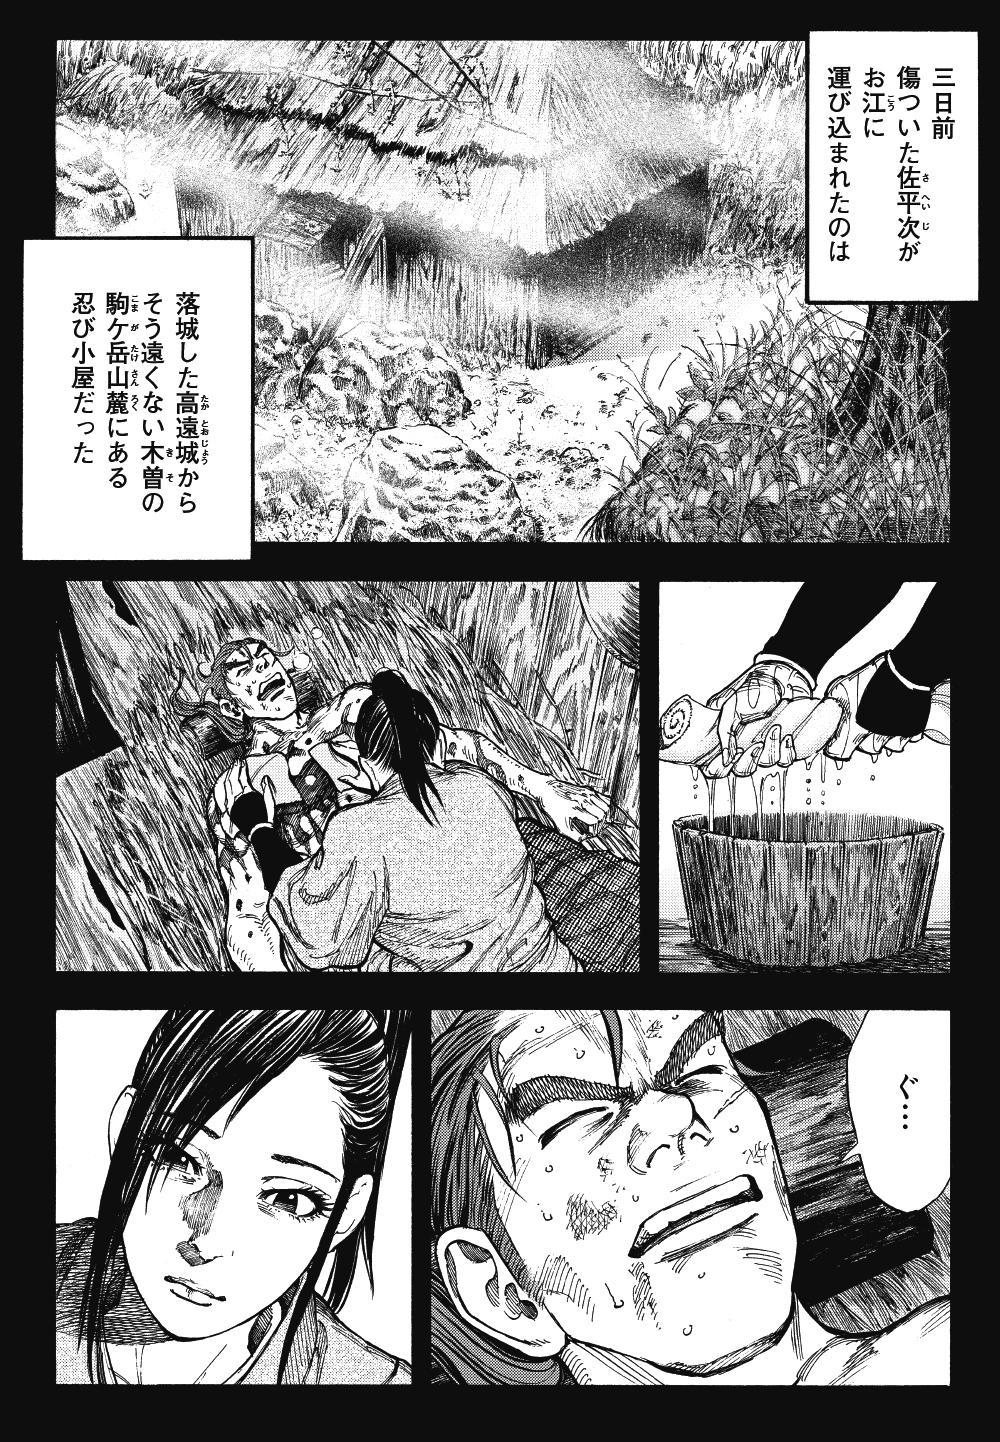 真田太平記 第6話「忍び小屋」①sanada11-03.jpg